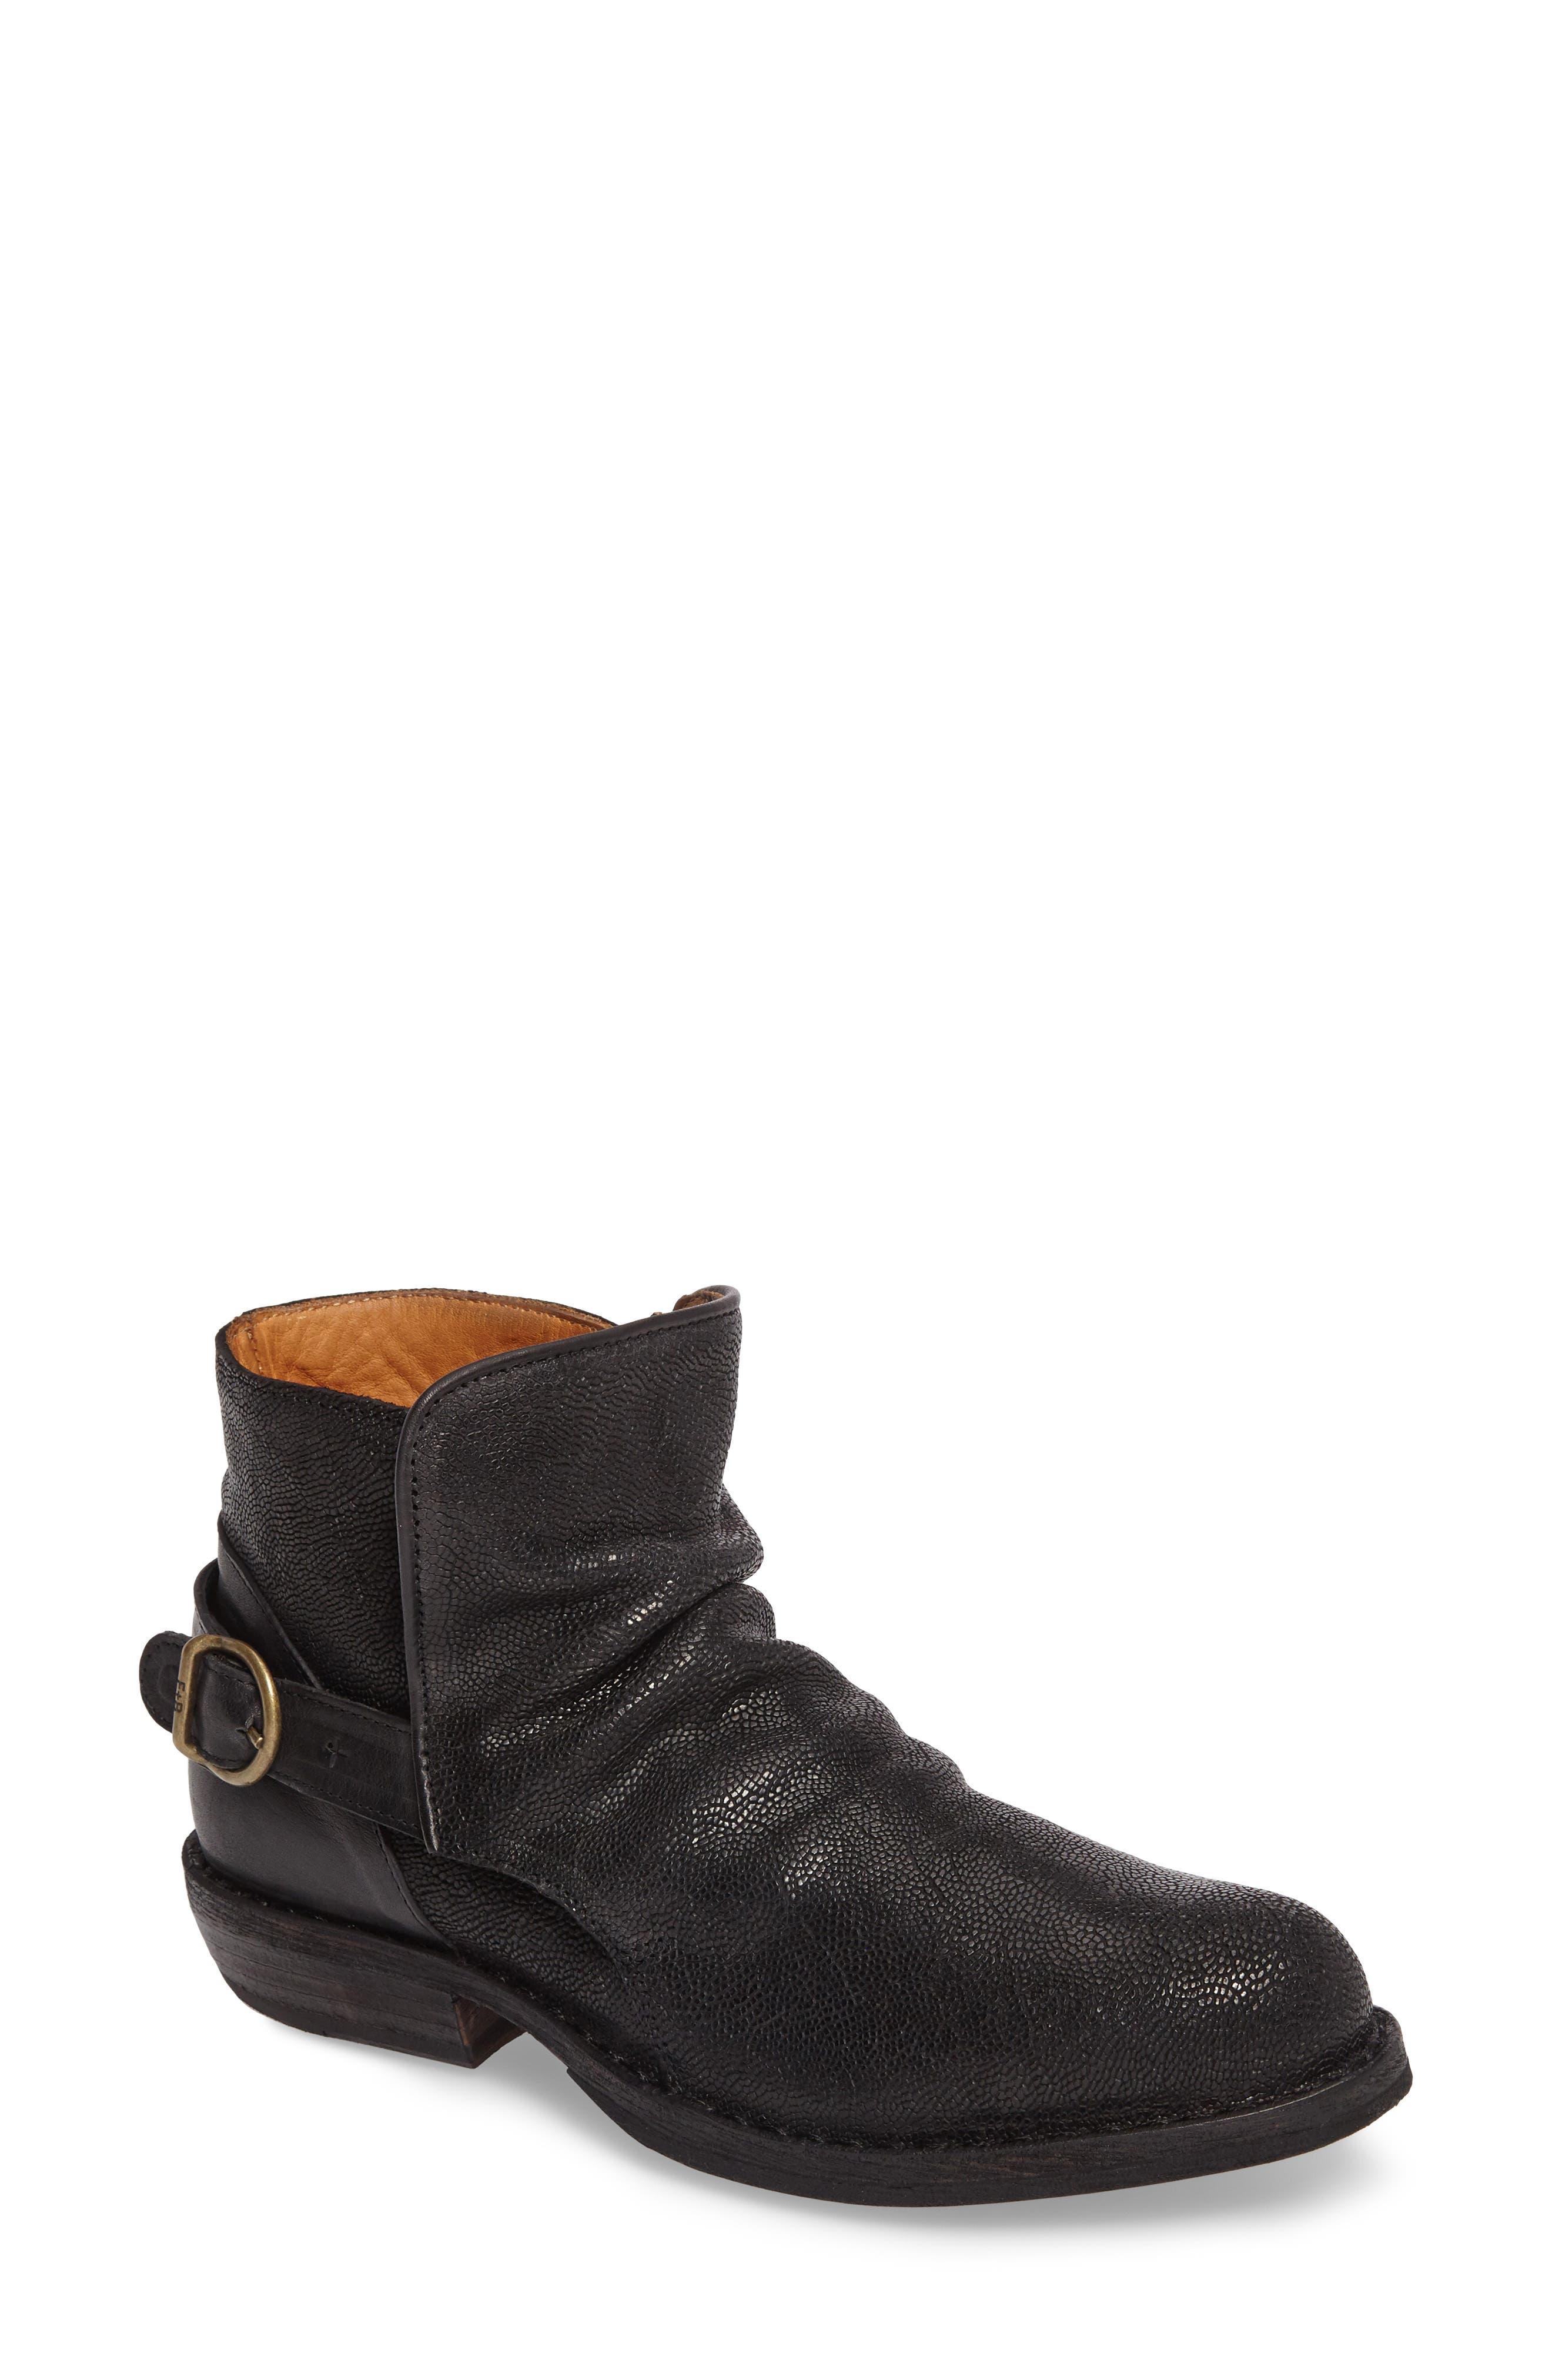 Main Image - Fiorentini + Baker 'Carol' Ankle Boot (Women)